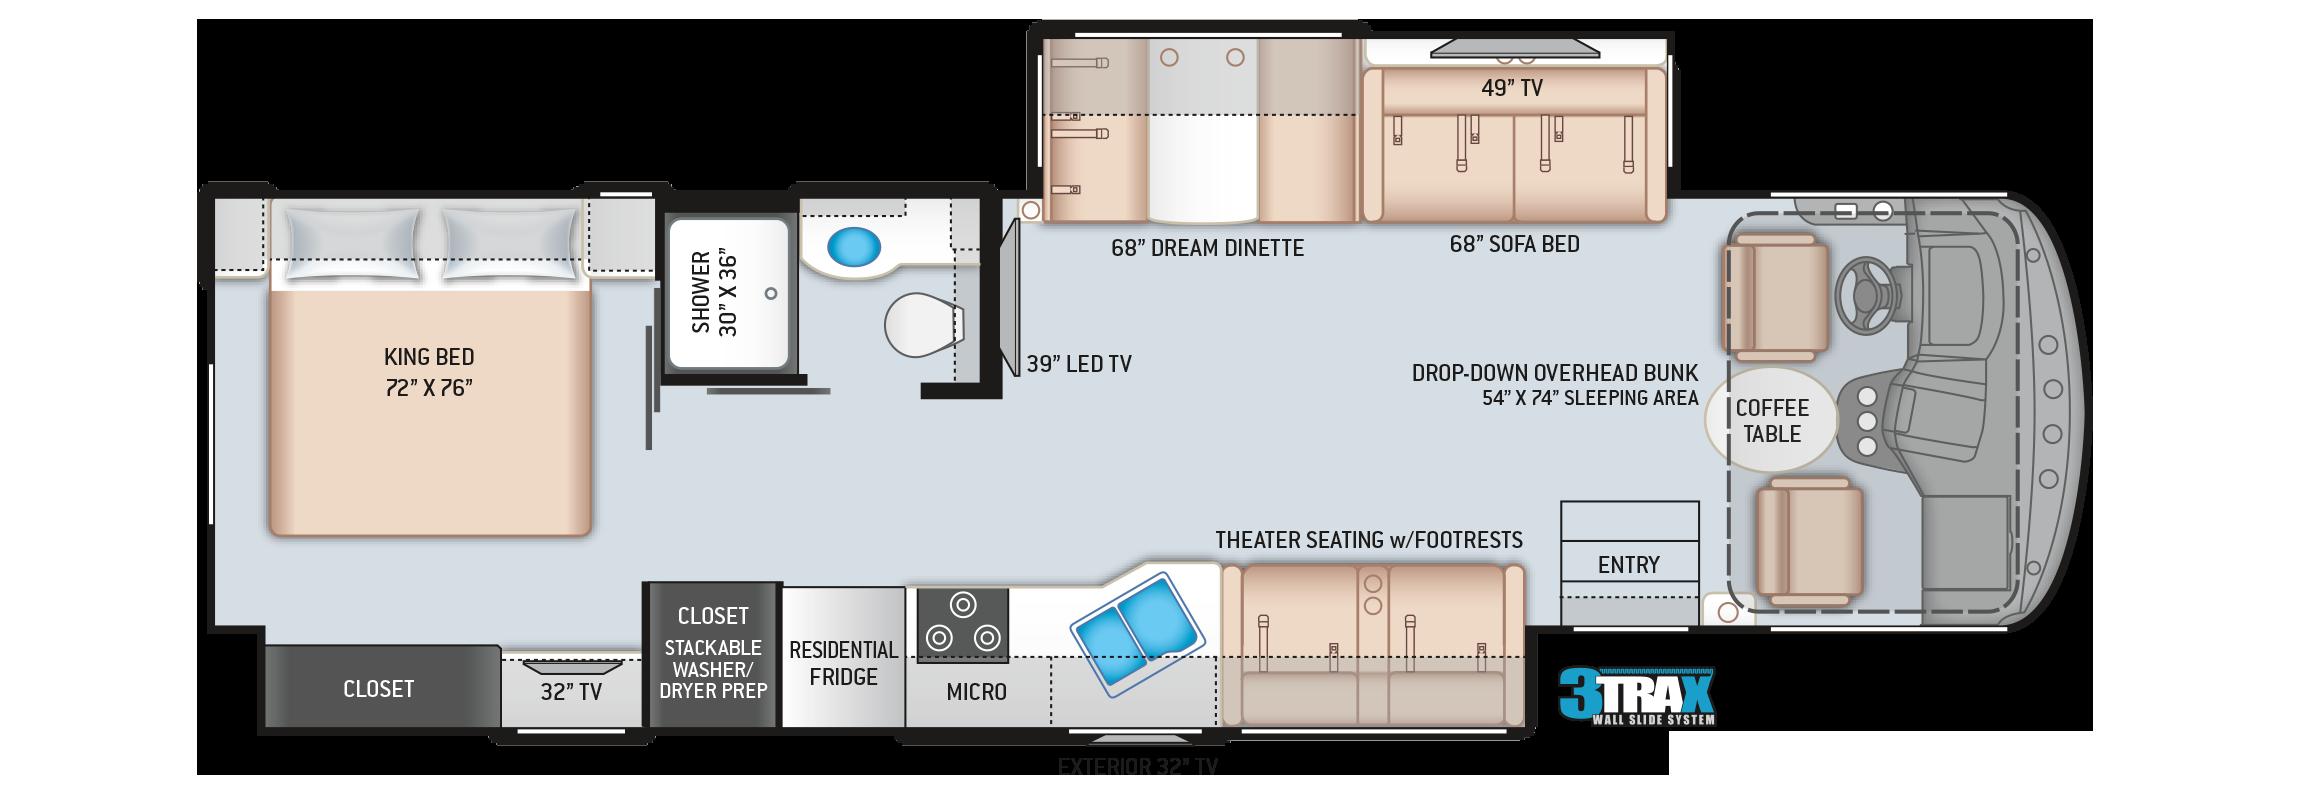 Windsport Class A Motorhome 34R Floor Plan